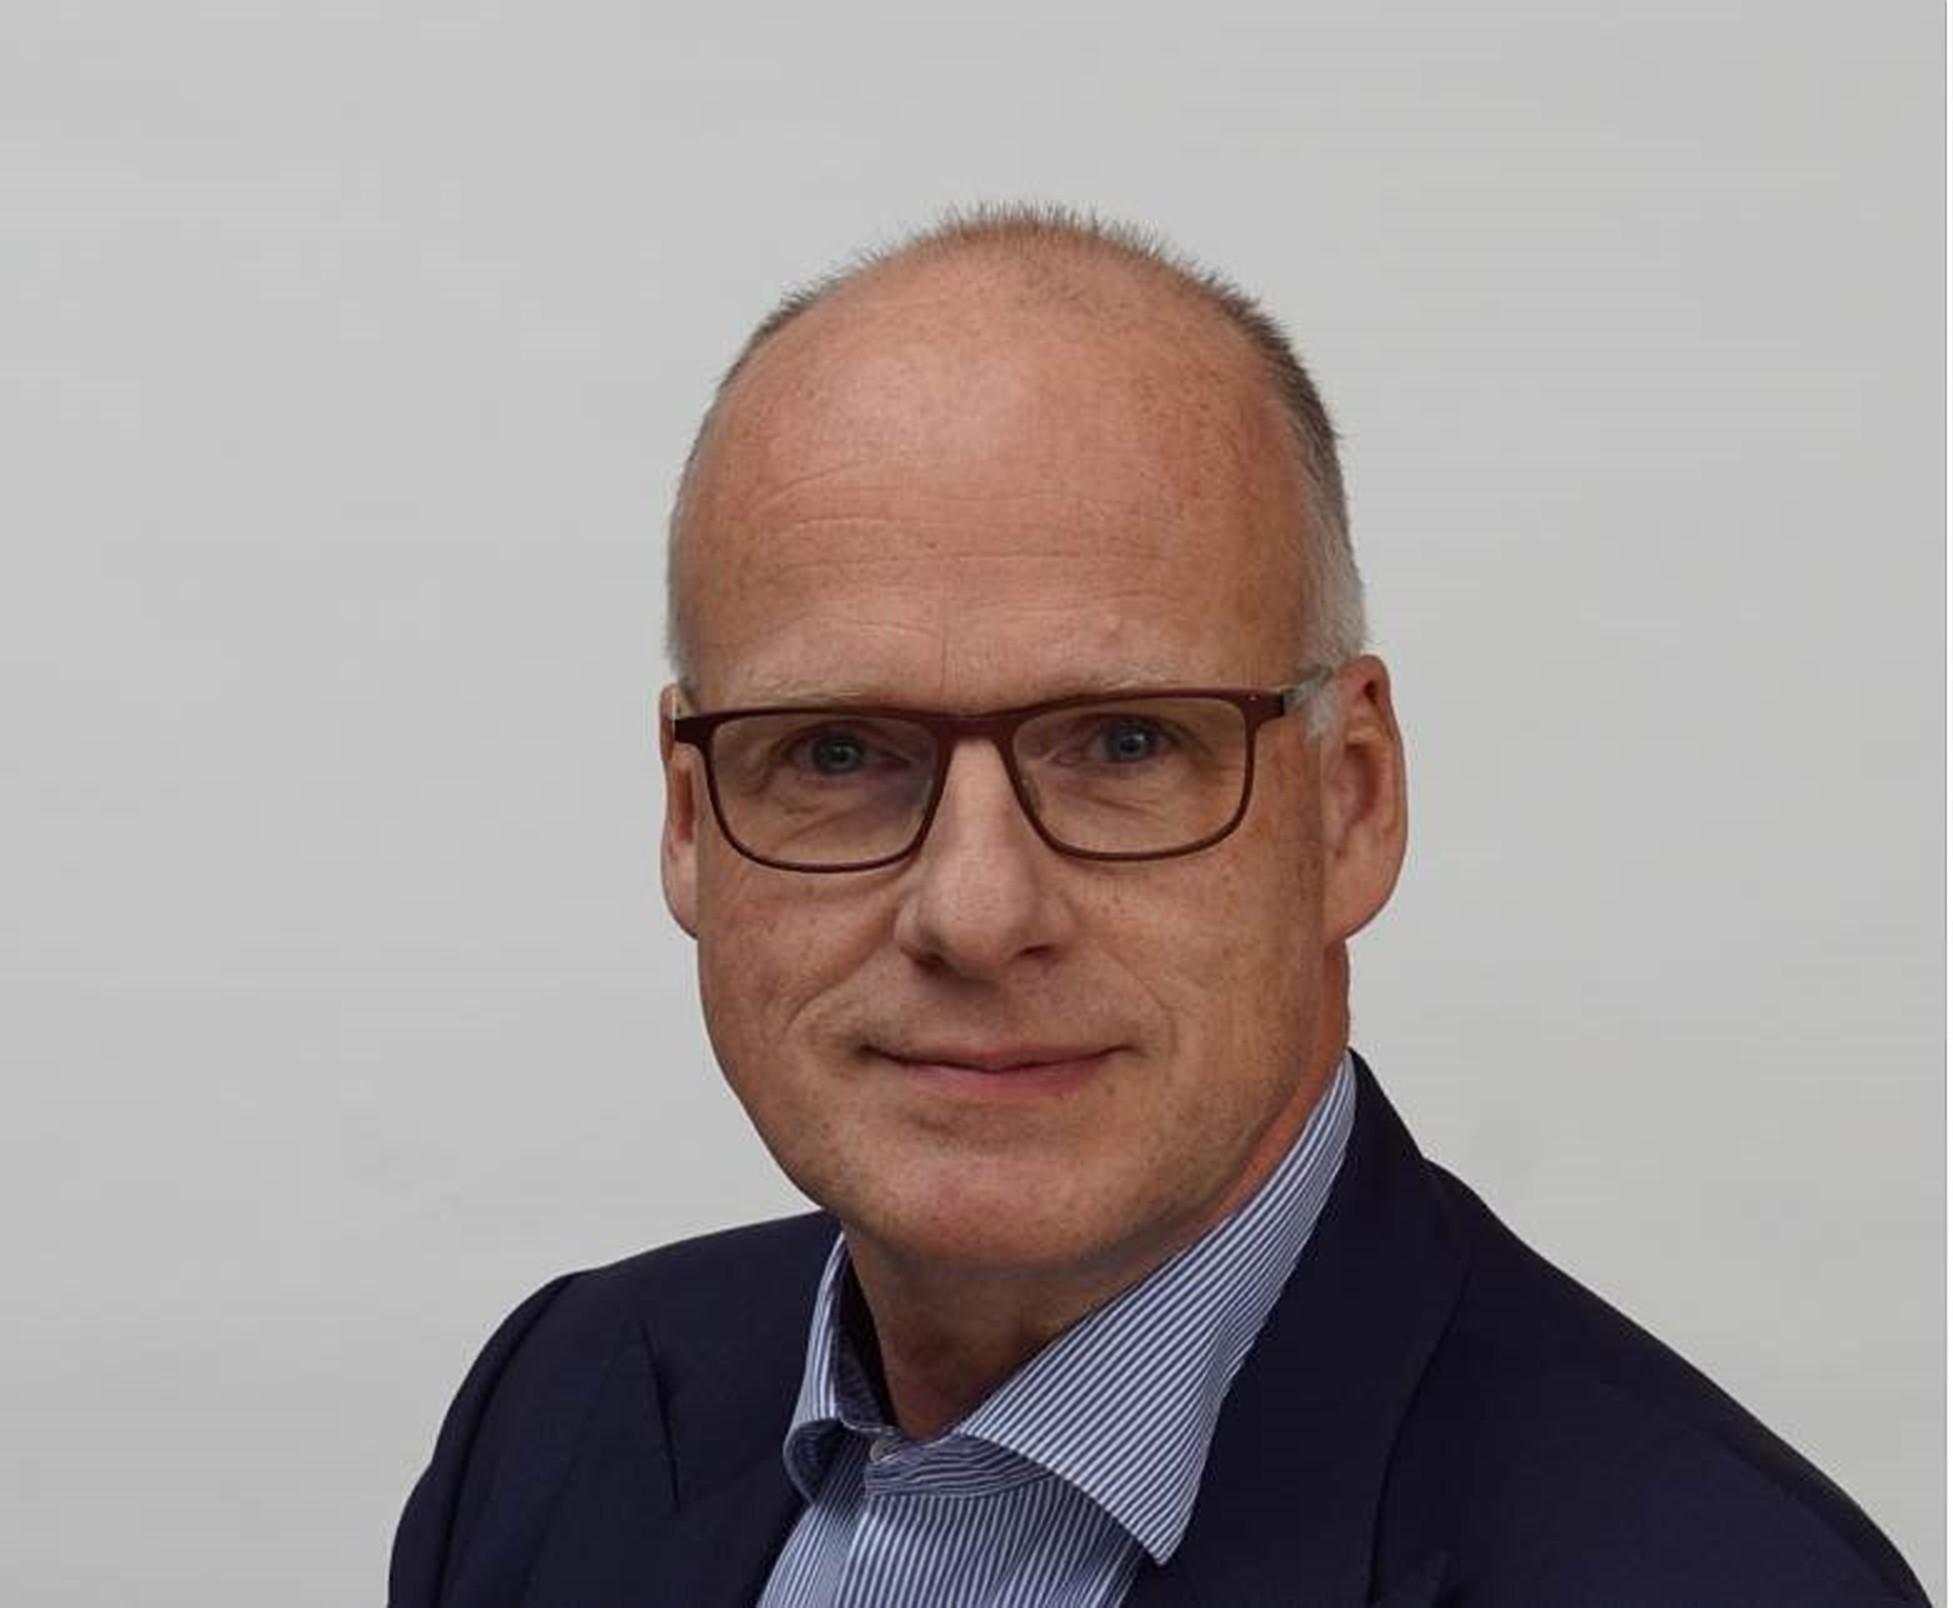 Bestuursvoorzitter Joep Houterman van Fontys